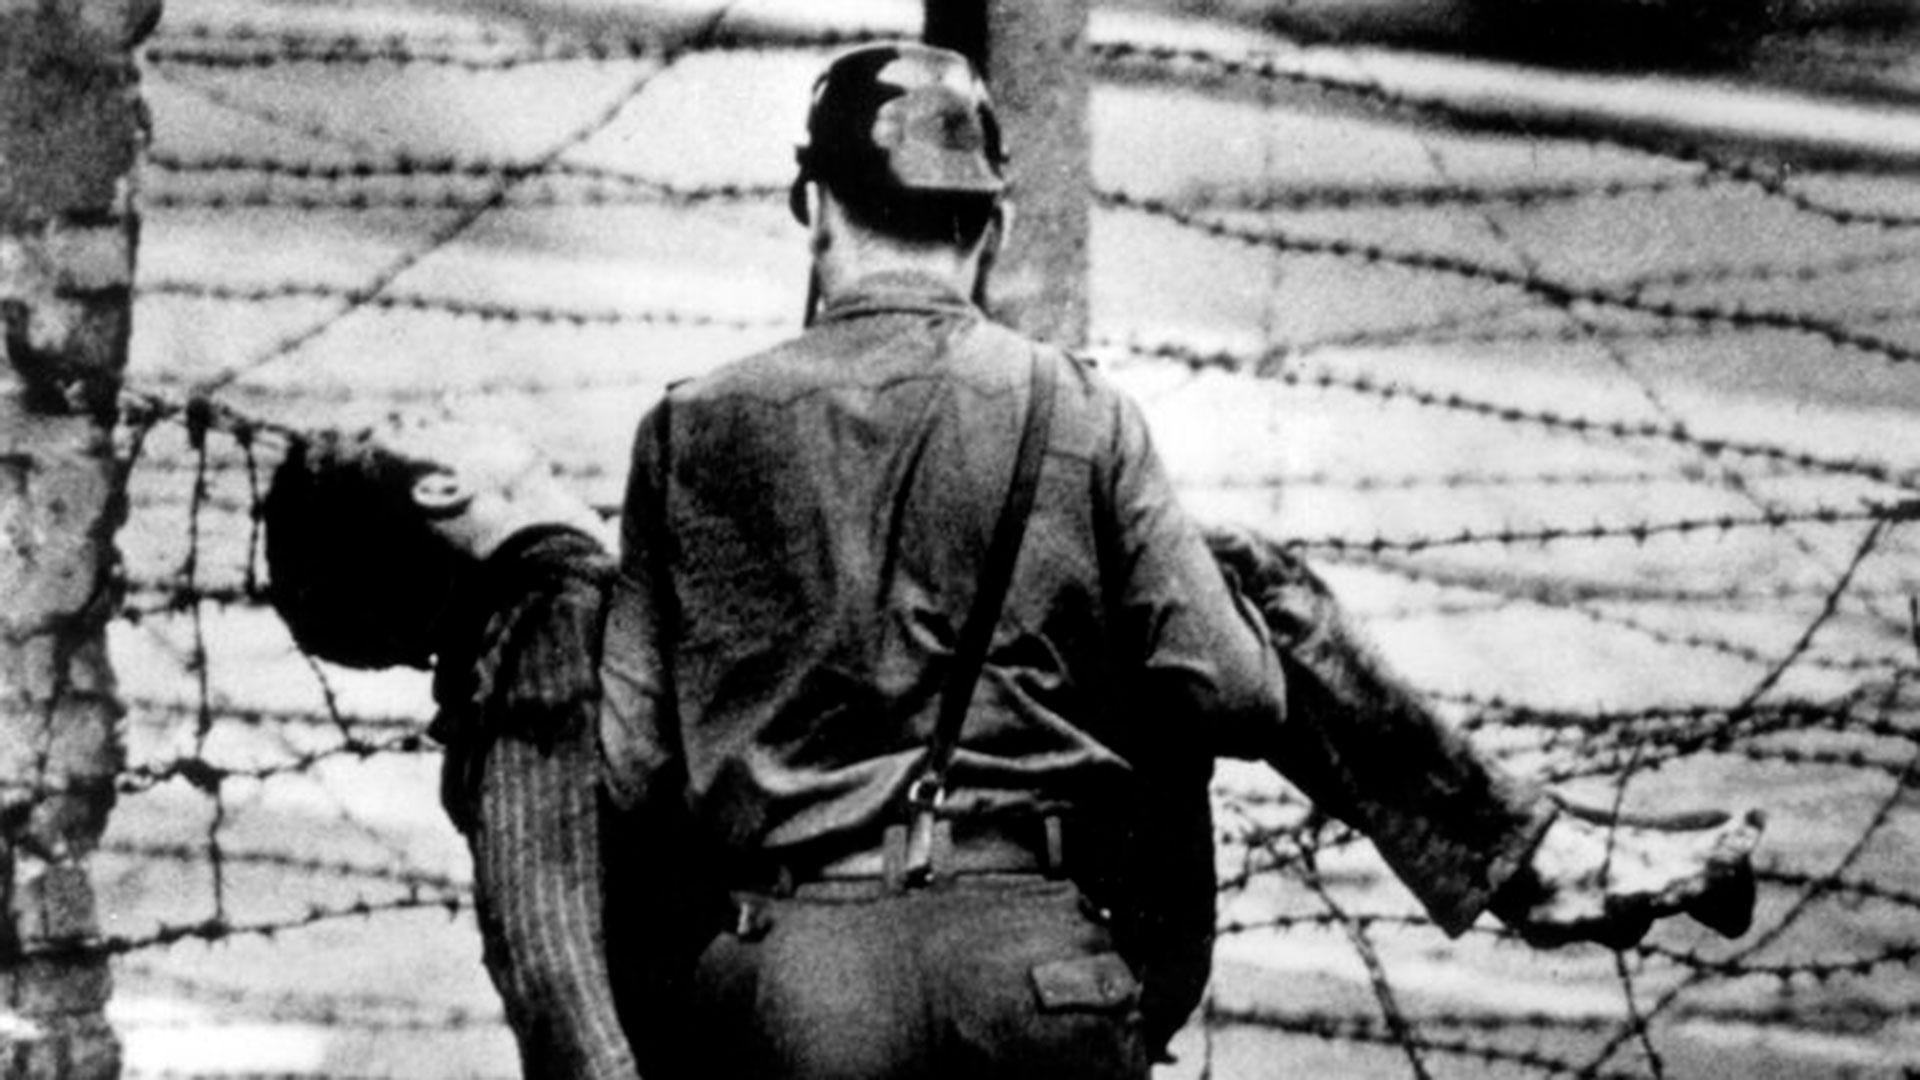 """La trágica historia detrás de """"Libre"""", la canción de Nino Bravo: un joven soñador y una muerte absurda en el Muro de Berlín - Infobae"""